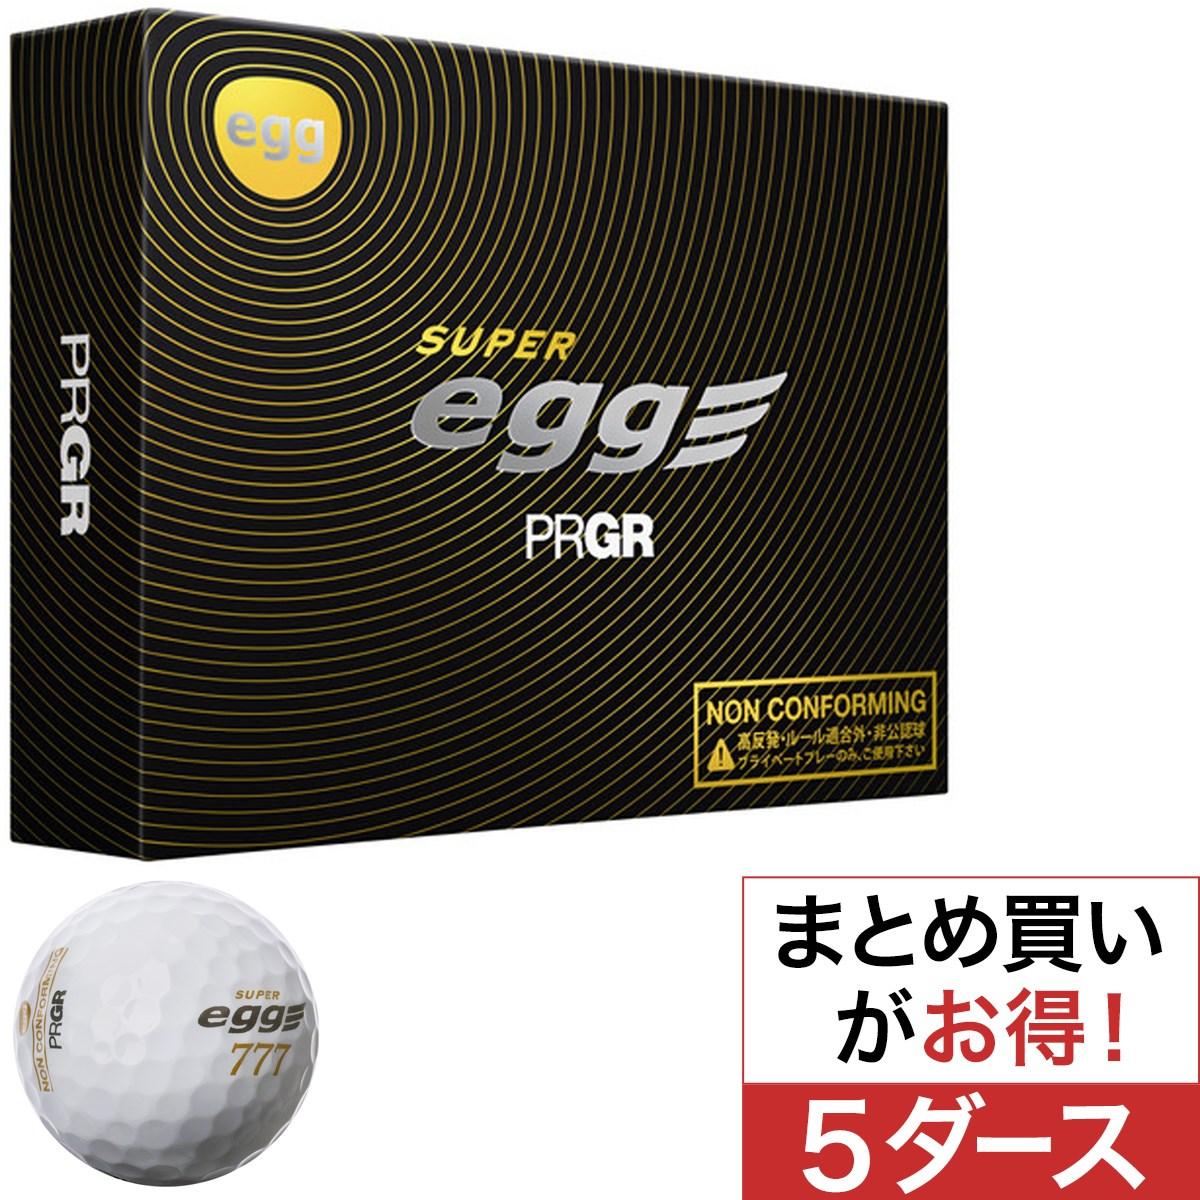 プロギア(PRGR) SUPER egg ボール 5ダースセット【非公認球】